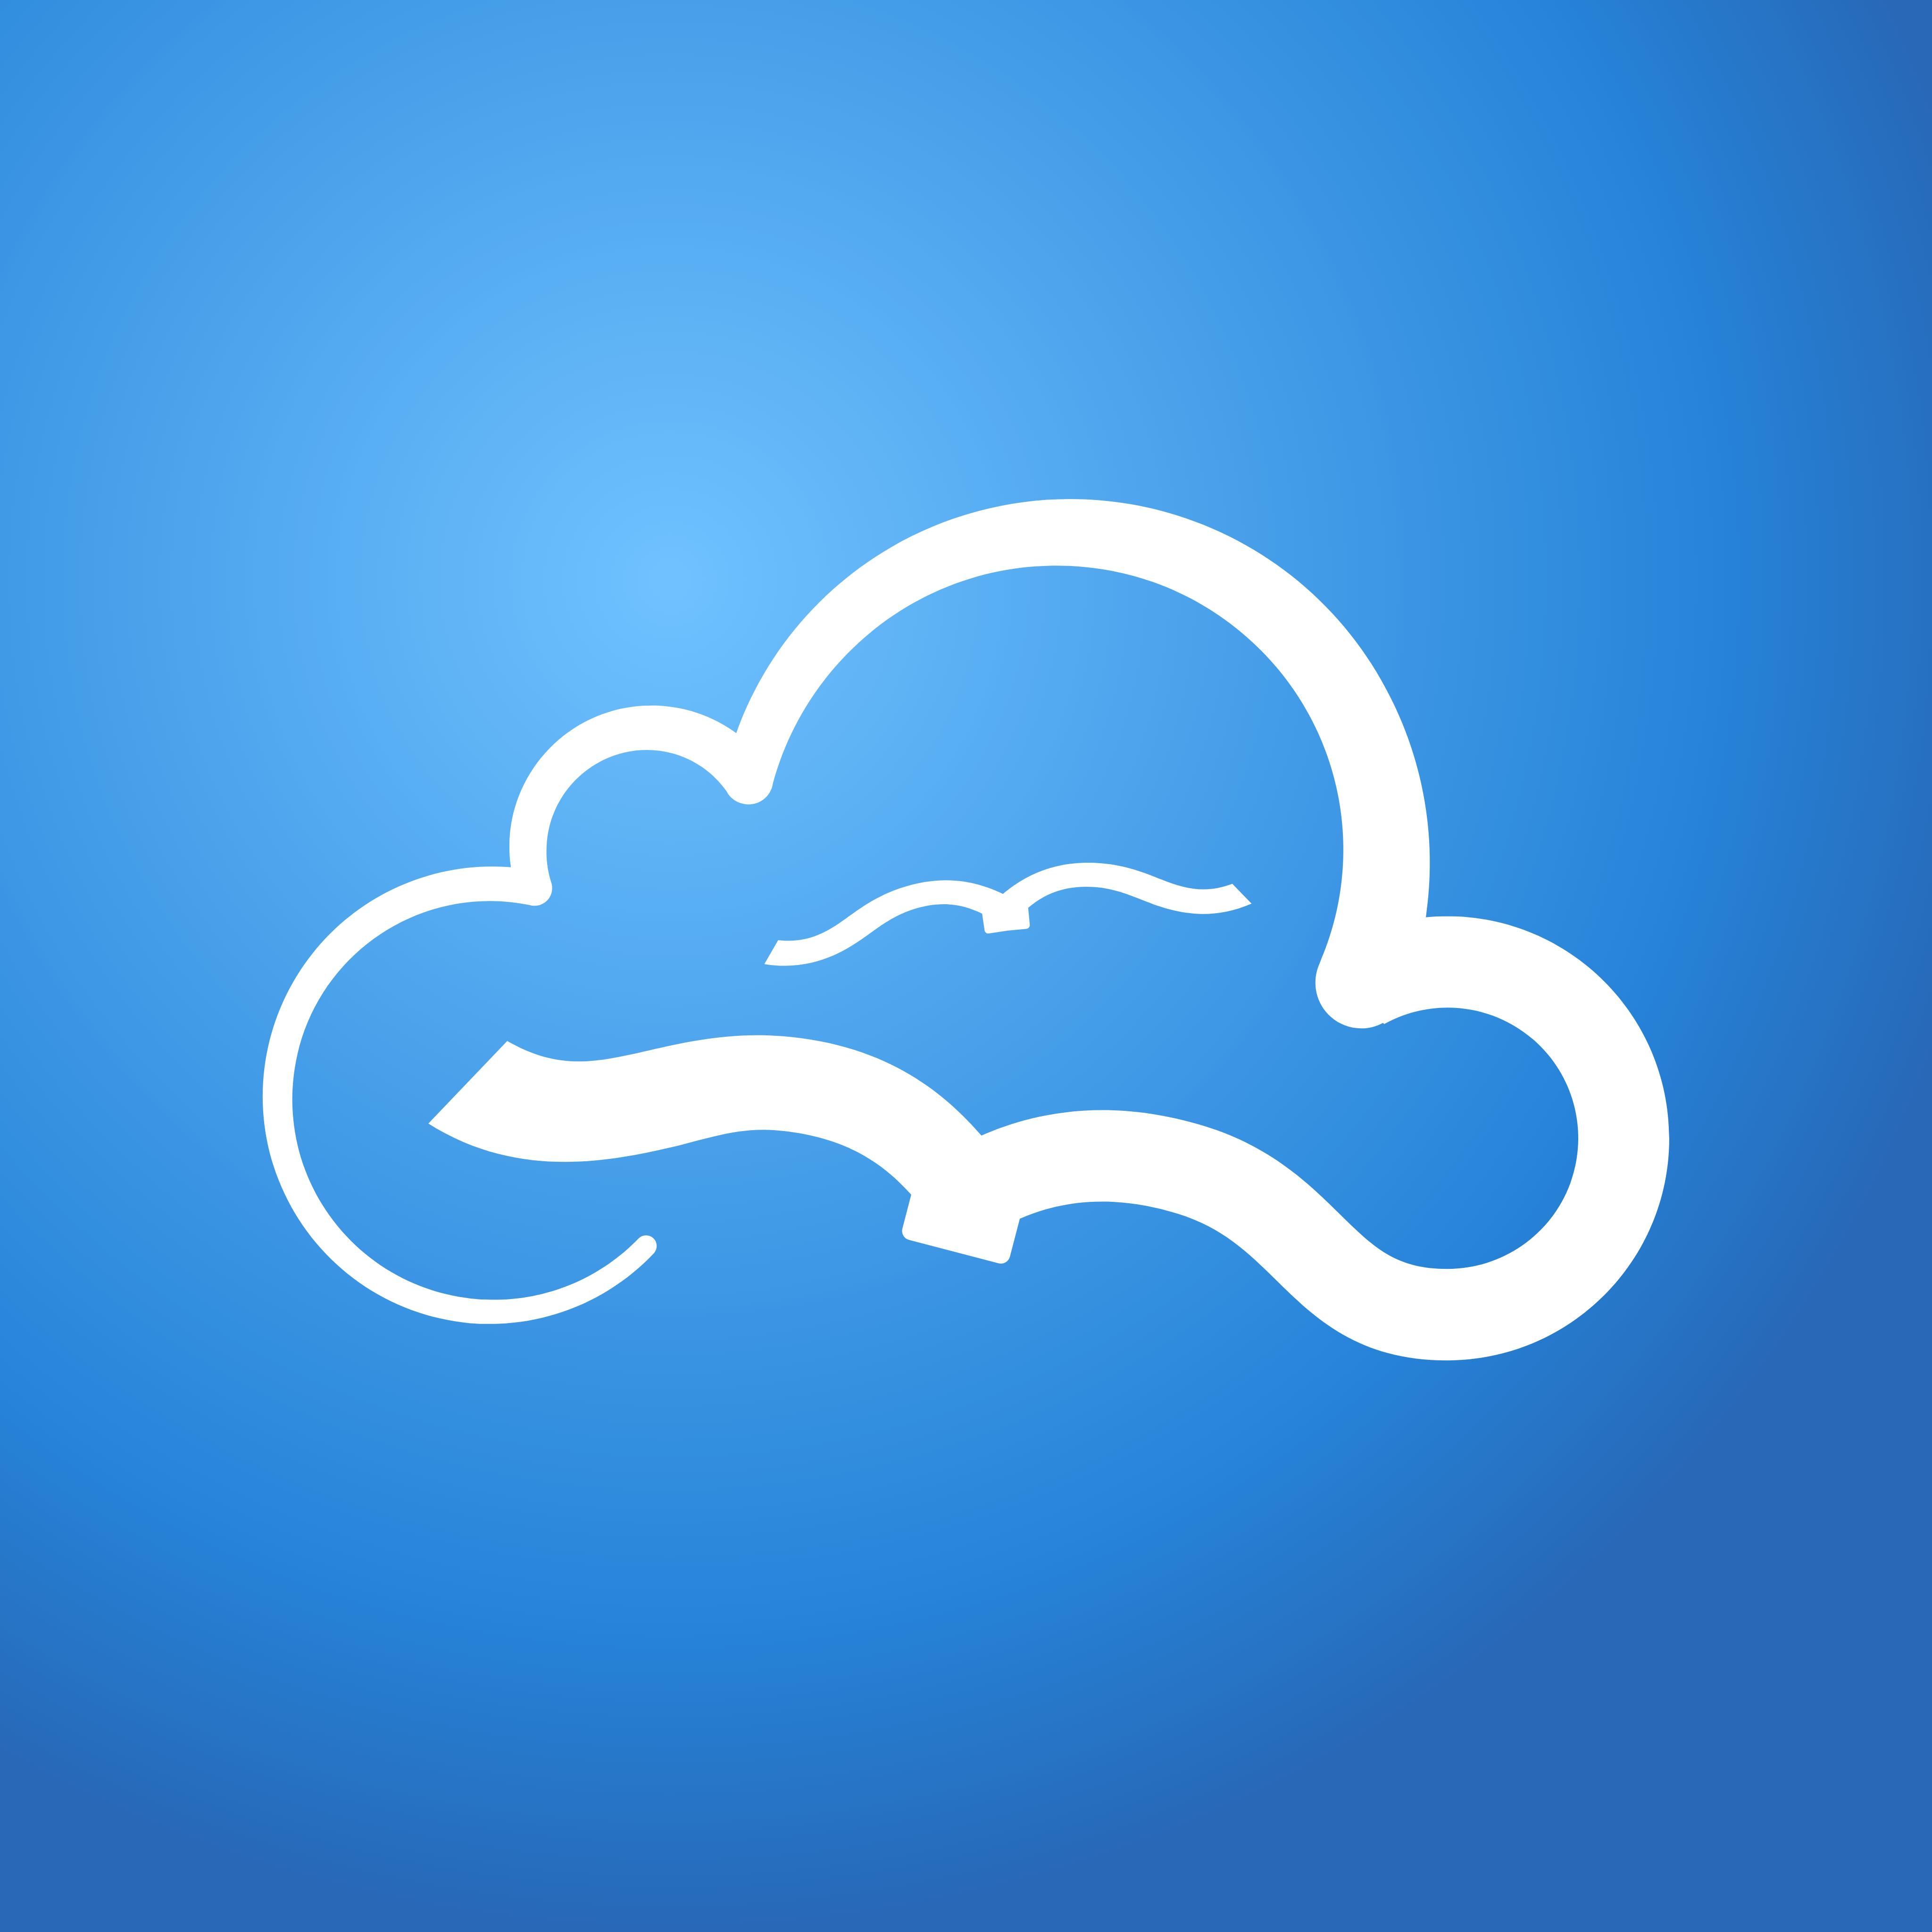 重庆涪陵教育云系统登录版v2.0.1 手机版